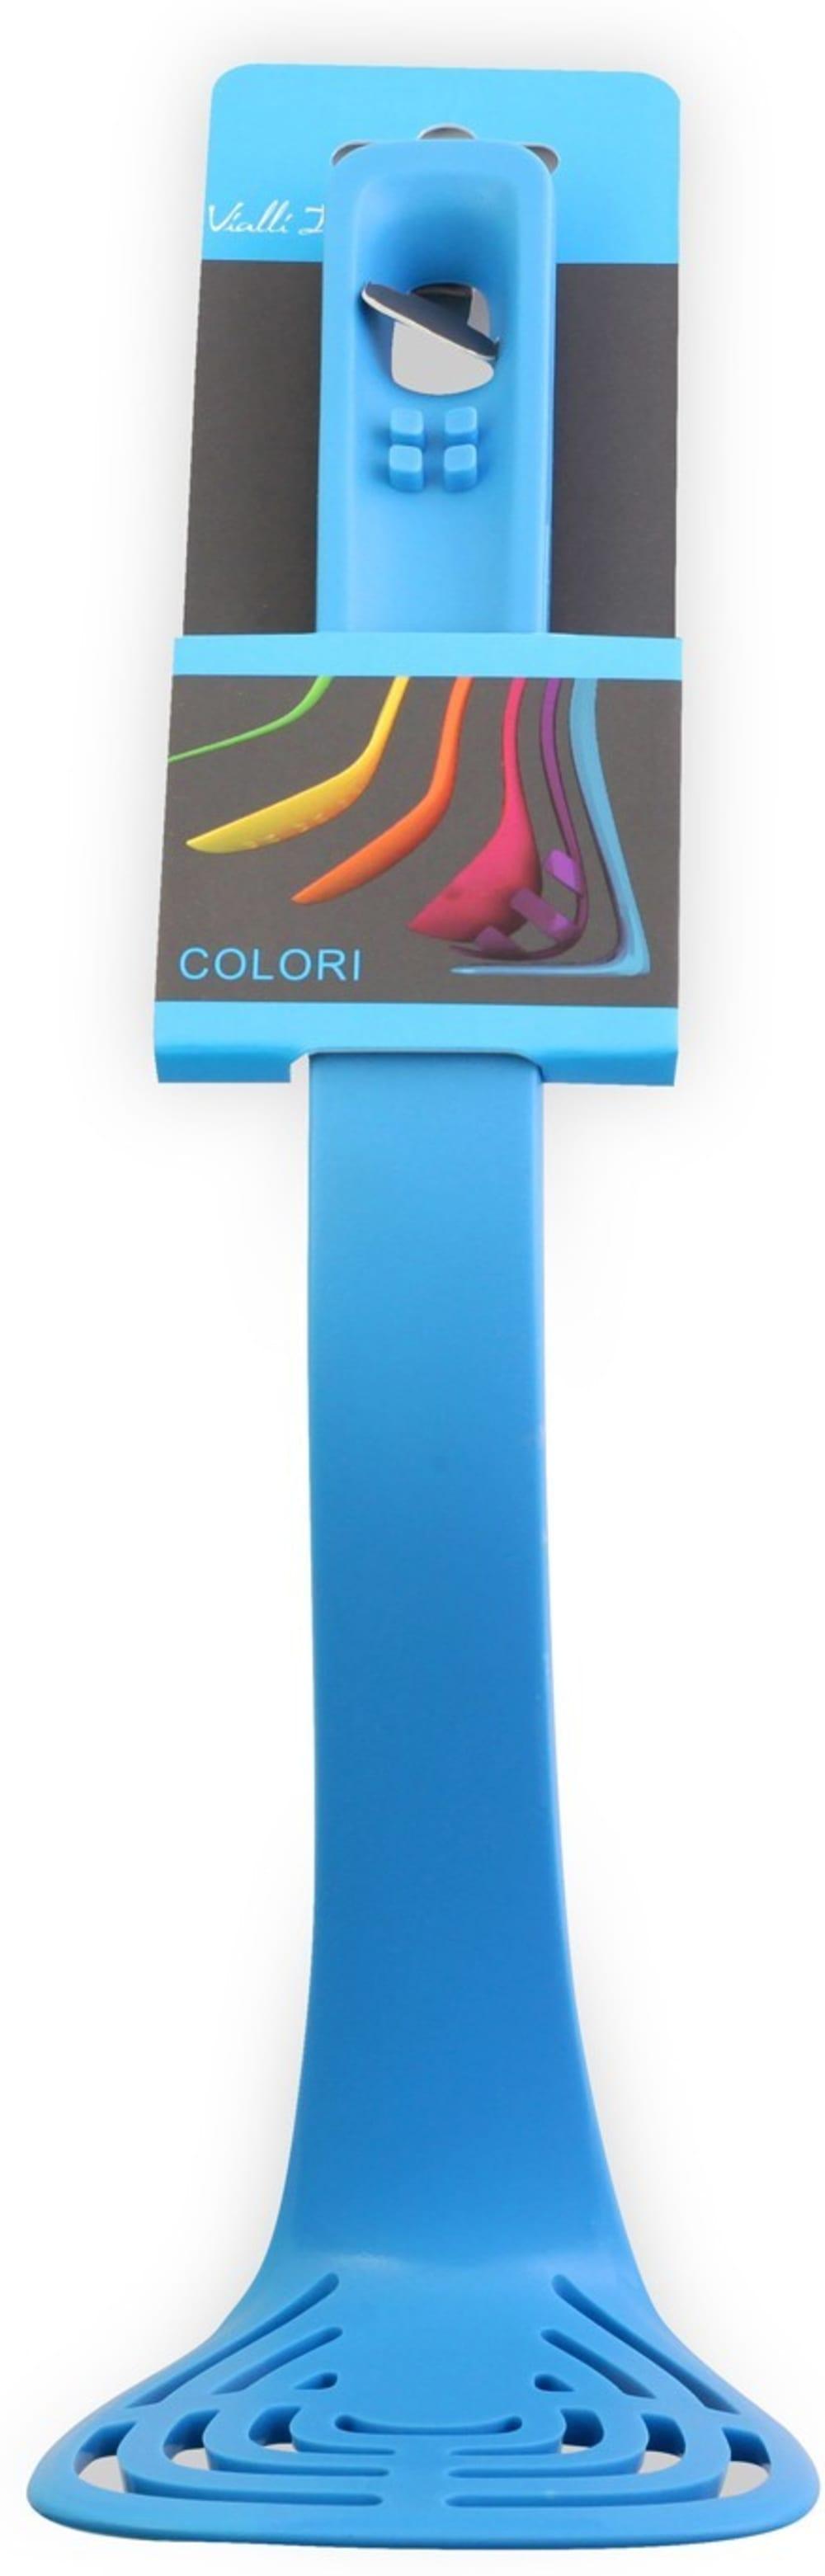 Ugniatacz do ziemniaków Colori niebieski Vialli Design